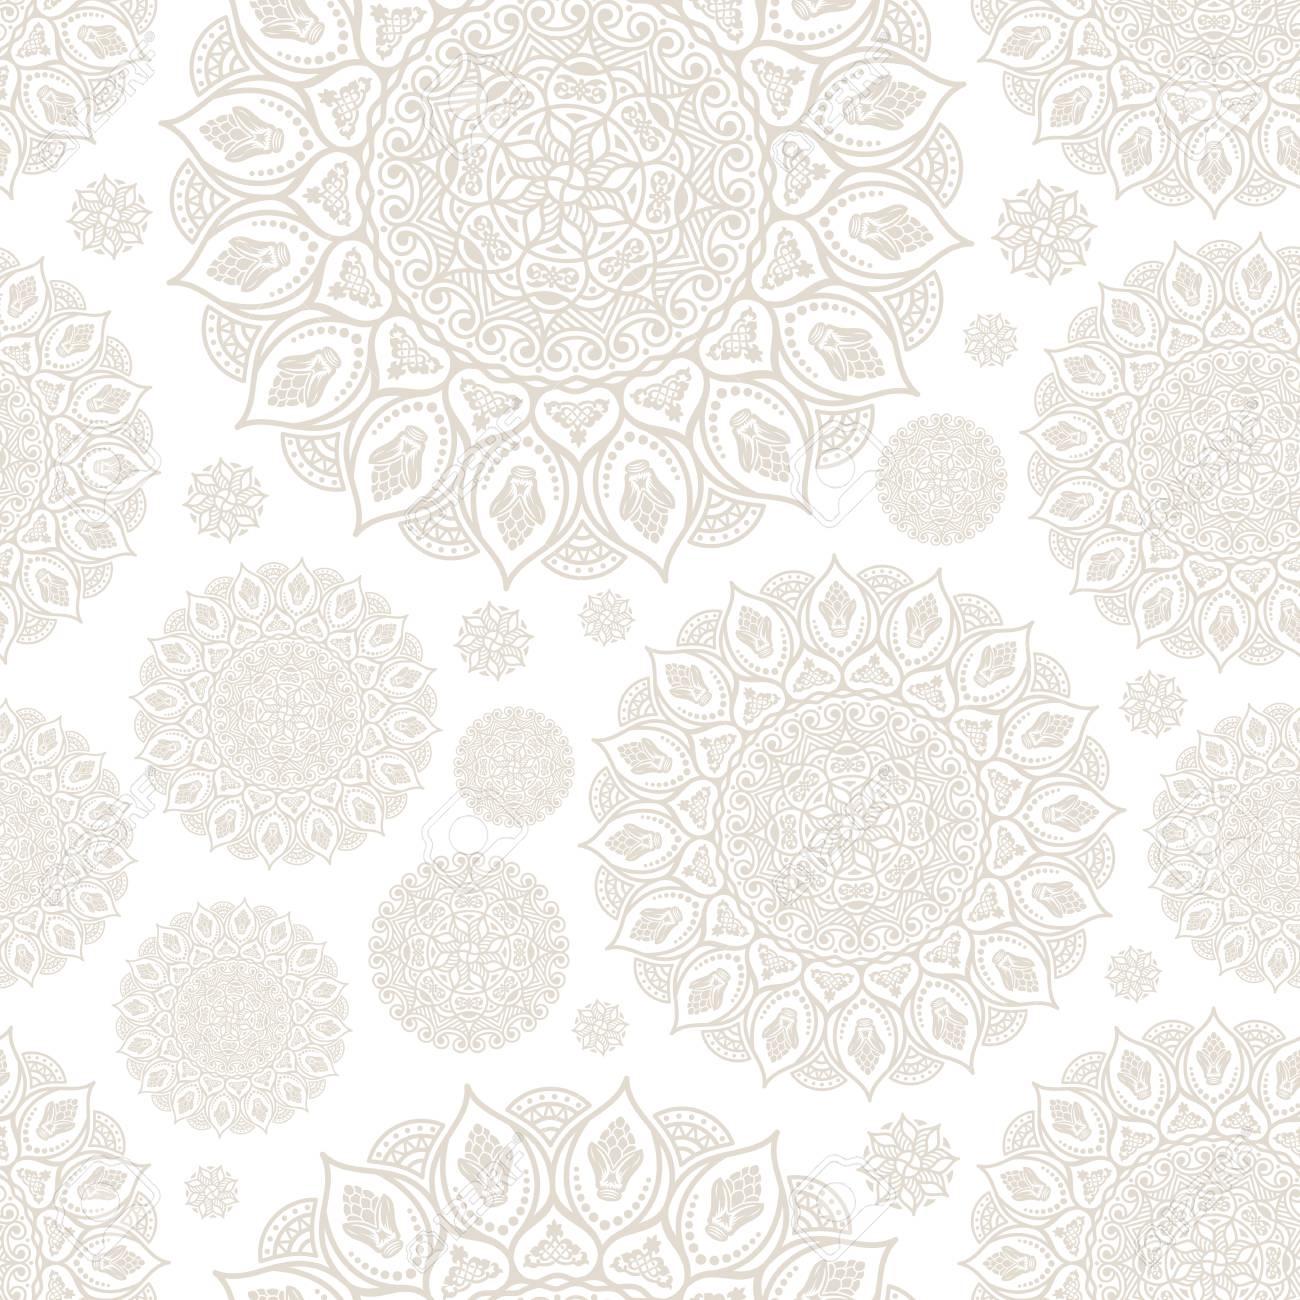 Patrón Sin Costuras Elementos Decorativos Vintage. Dibujado A Mano ...